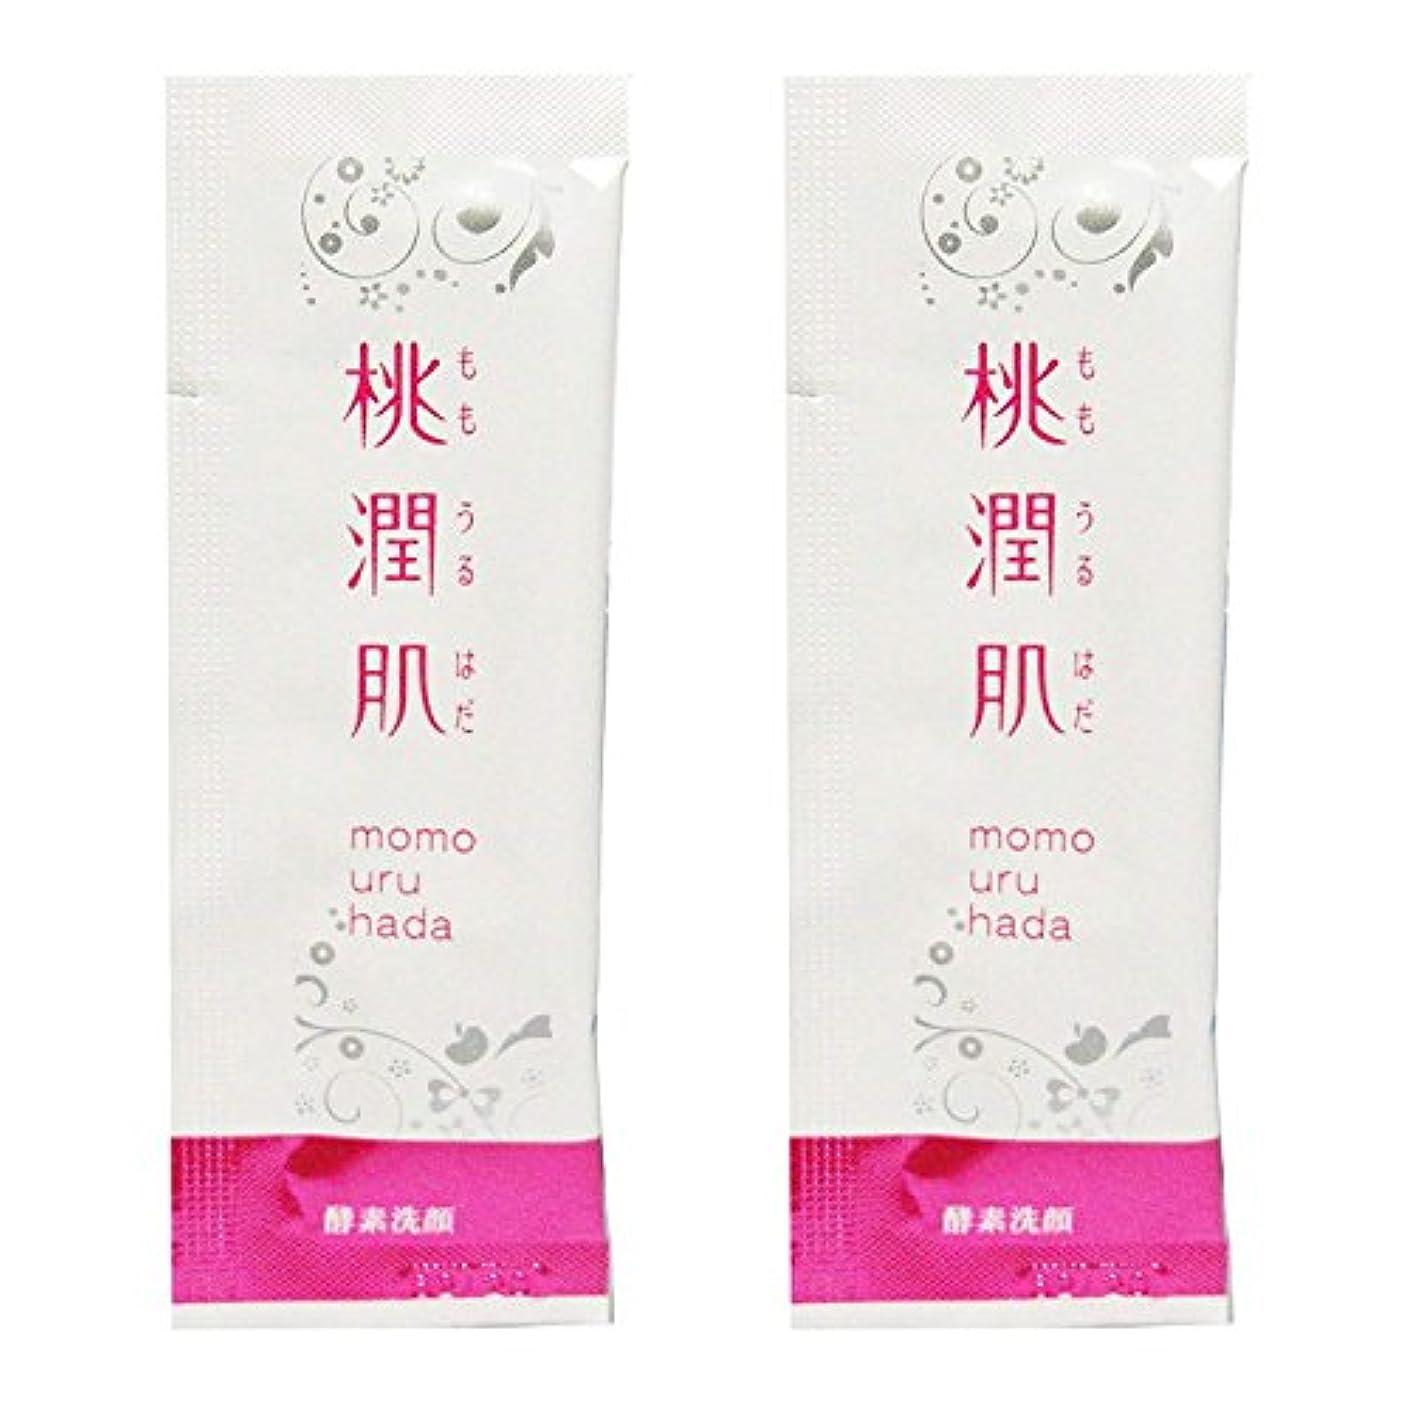 価格世辞エトナ山アスティ 桃潤肌 酵素洗顔パウダー お試し用 2回分 (1g×2包)